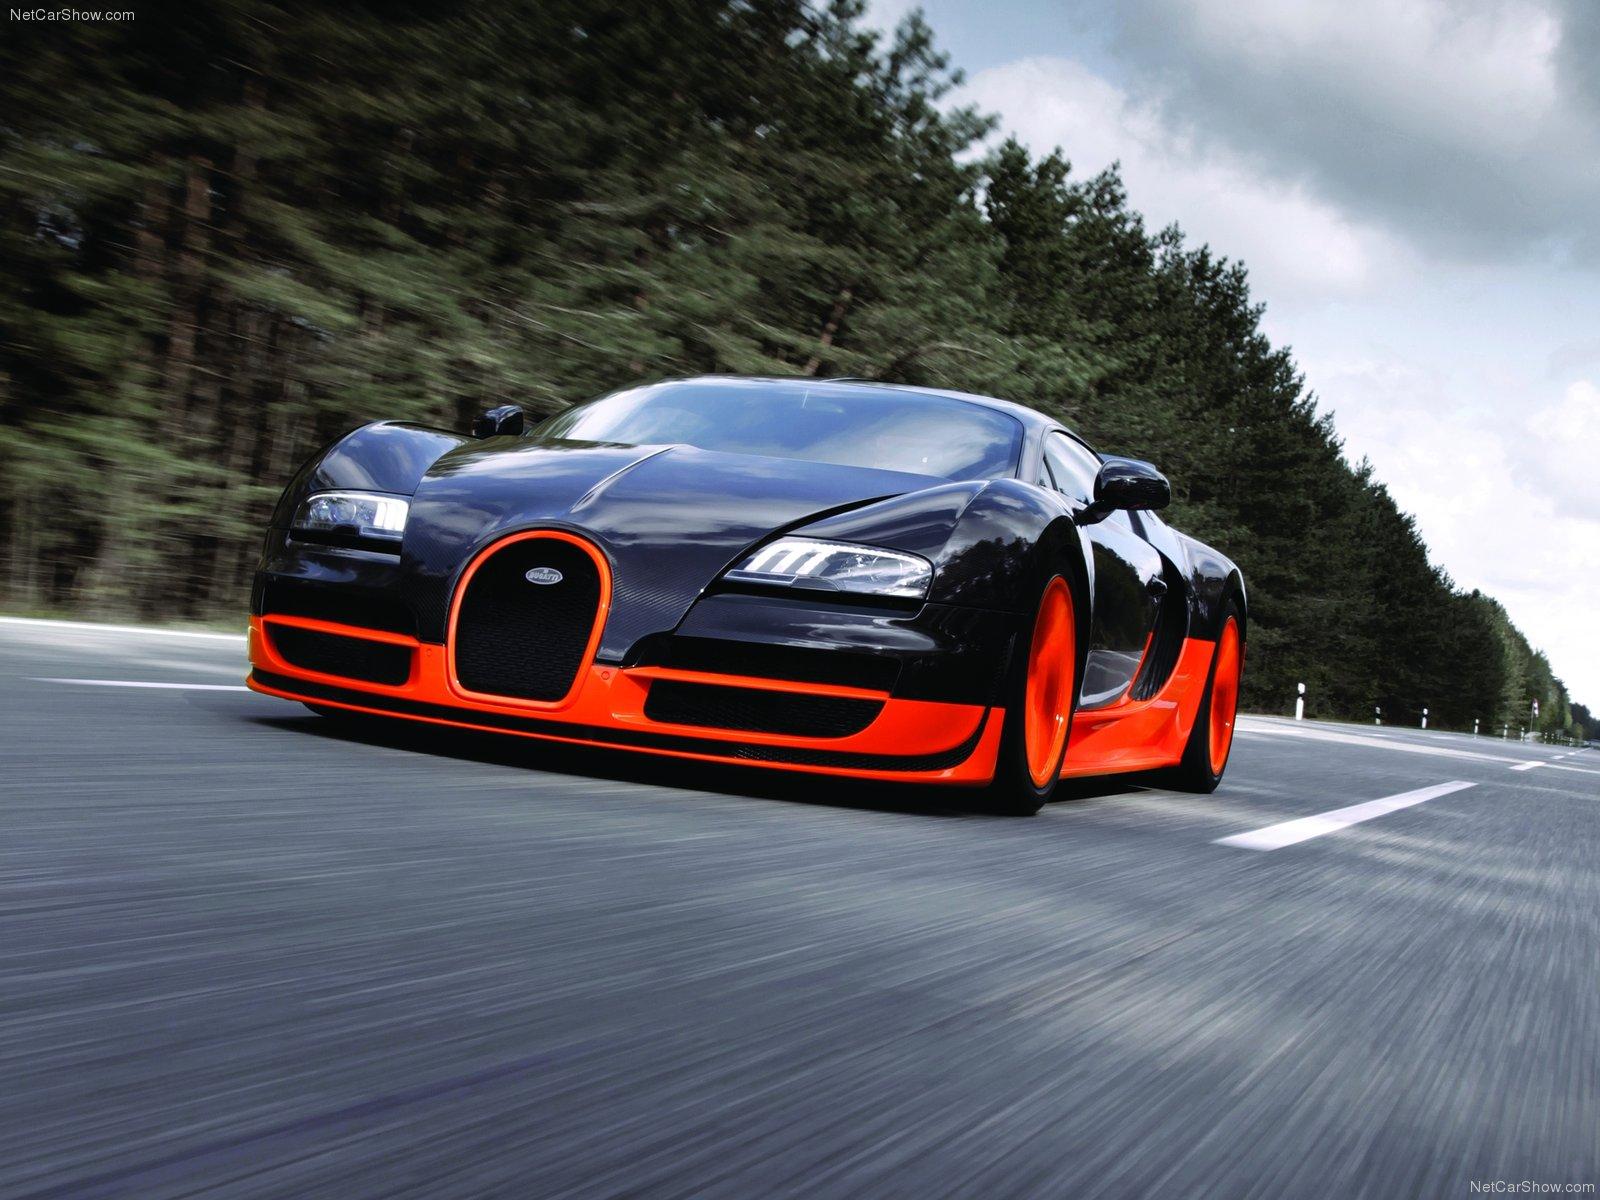 Bugatti Veyron SS Wiki,Bugatti Veyron on Top Gear,Bugatti Veyron 2012,Bugatti Veyron Top Speed Mph,bNew Bugatti Veyron SS